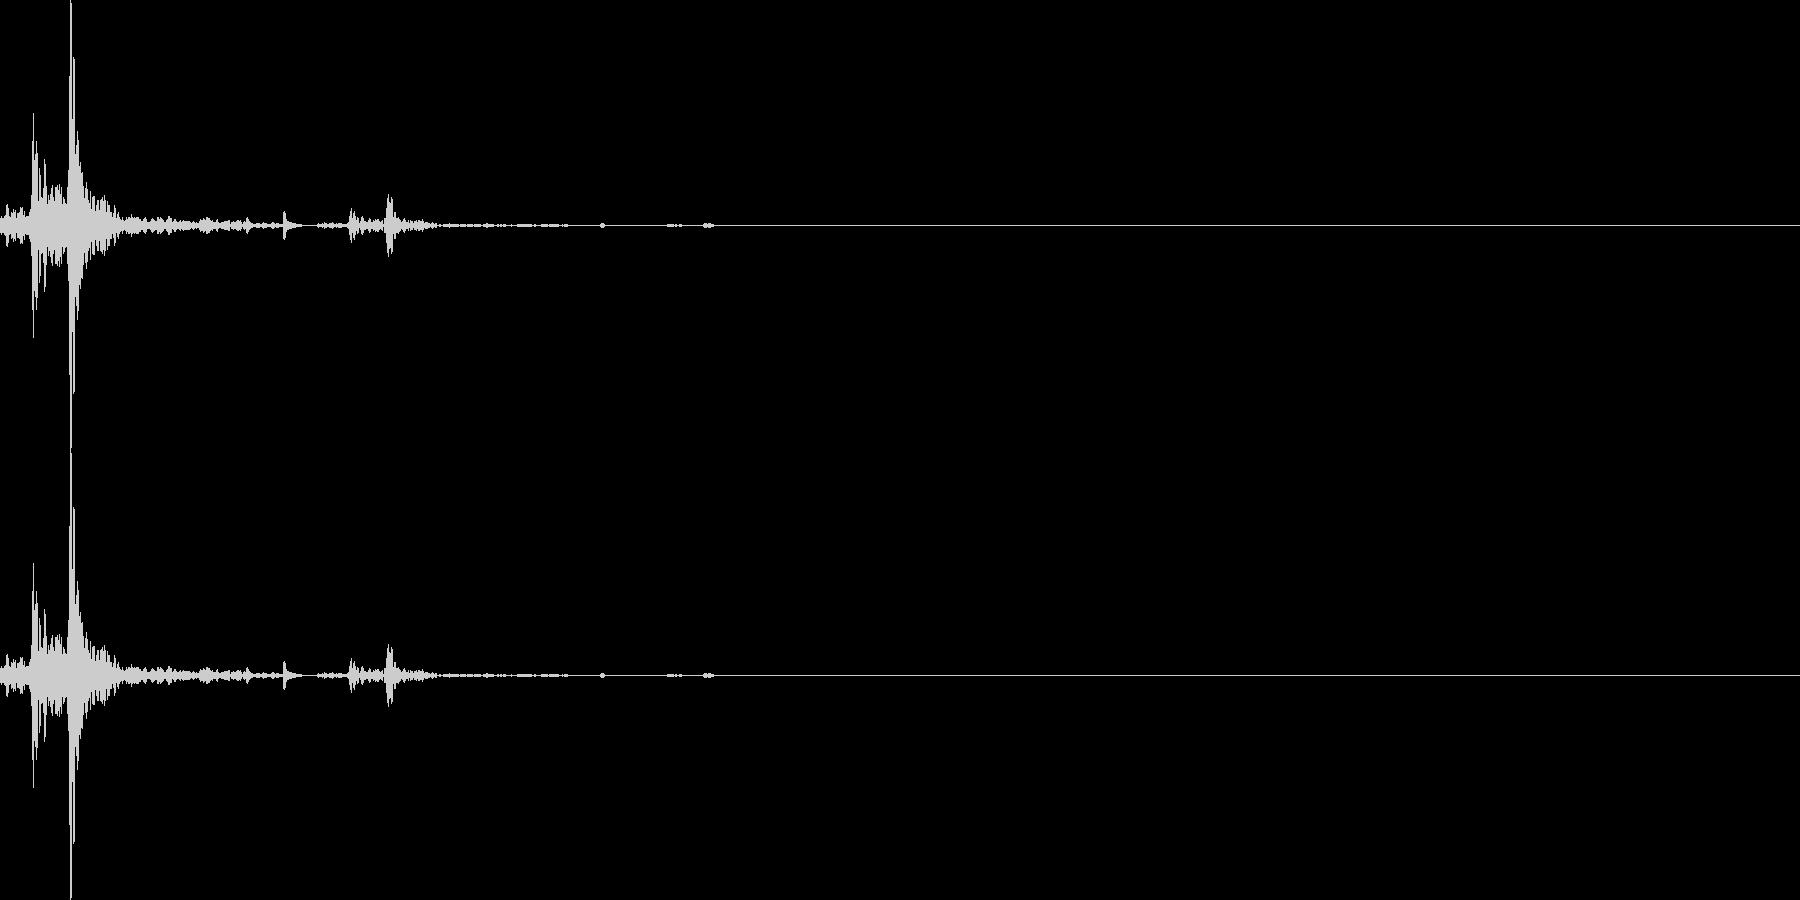 スマホロック解除_01の未再生の波形